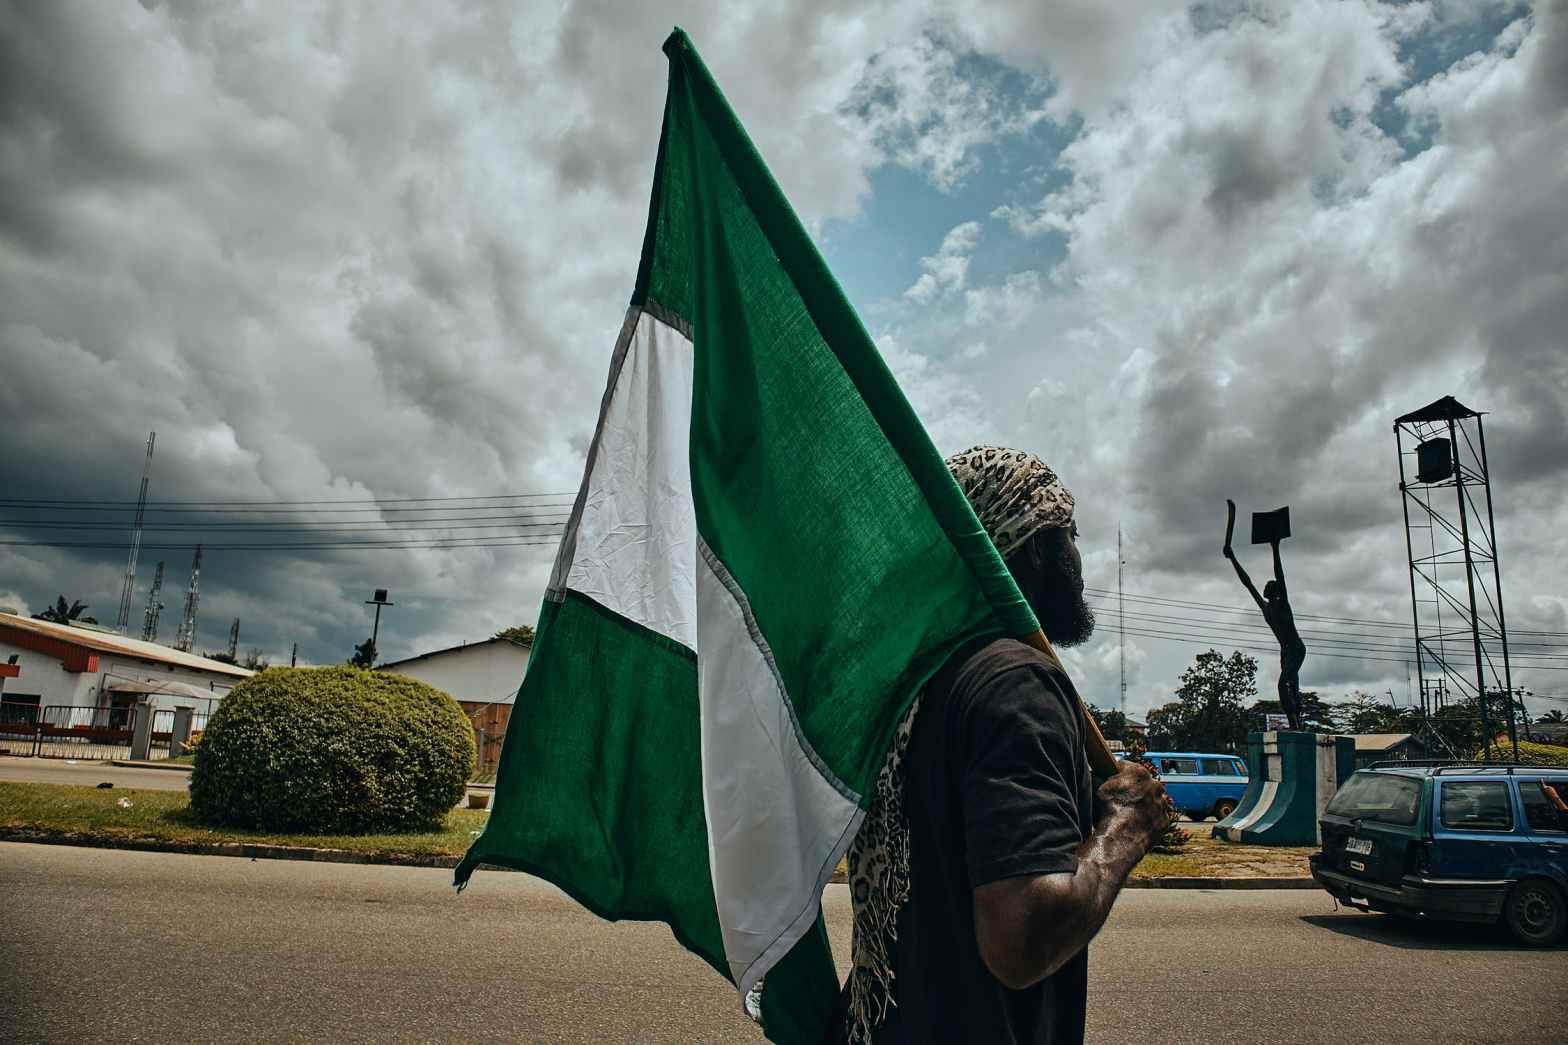 Photo by Emmanuel Ikwuegbu from Pexels